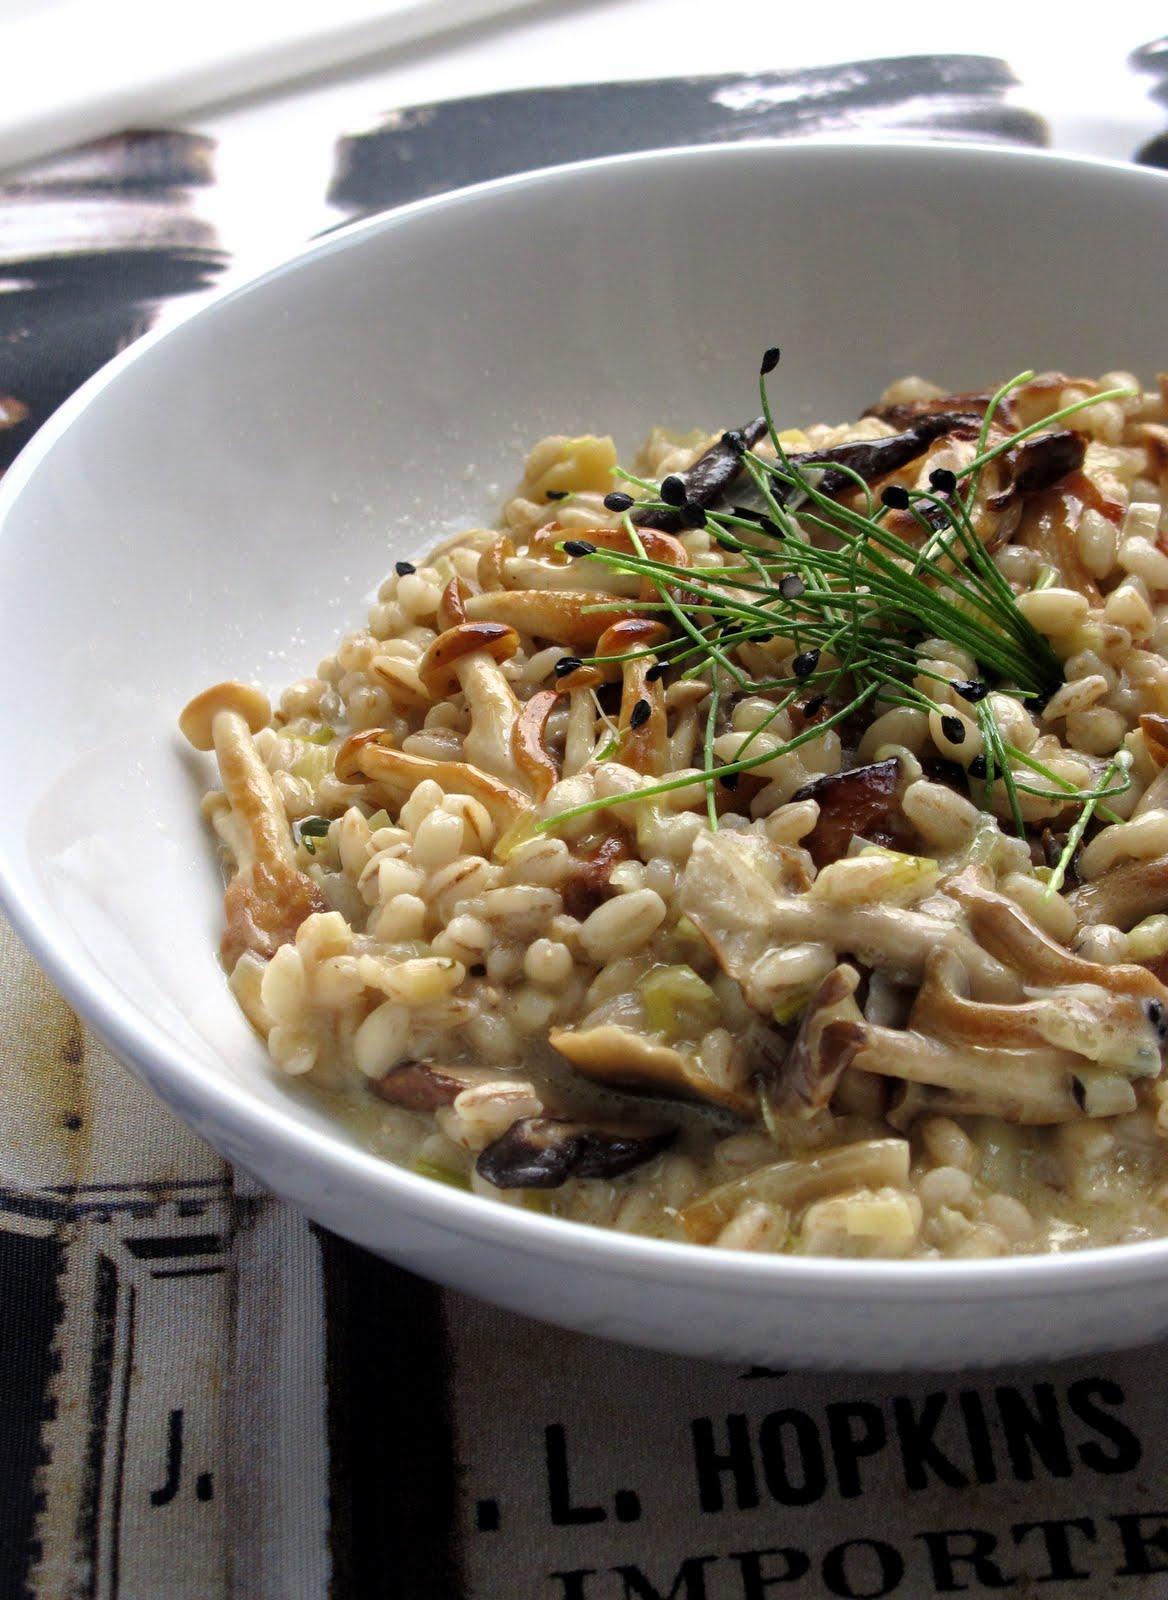 Barley risotto with mushrooms, leeks and roasted garlic